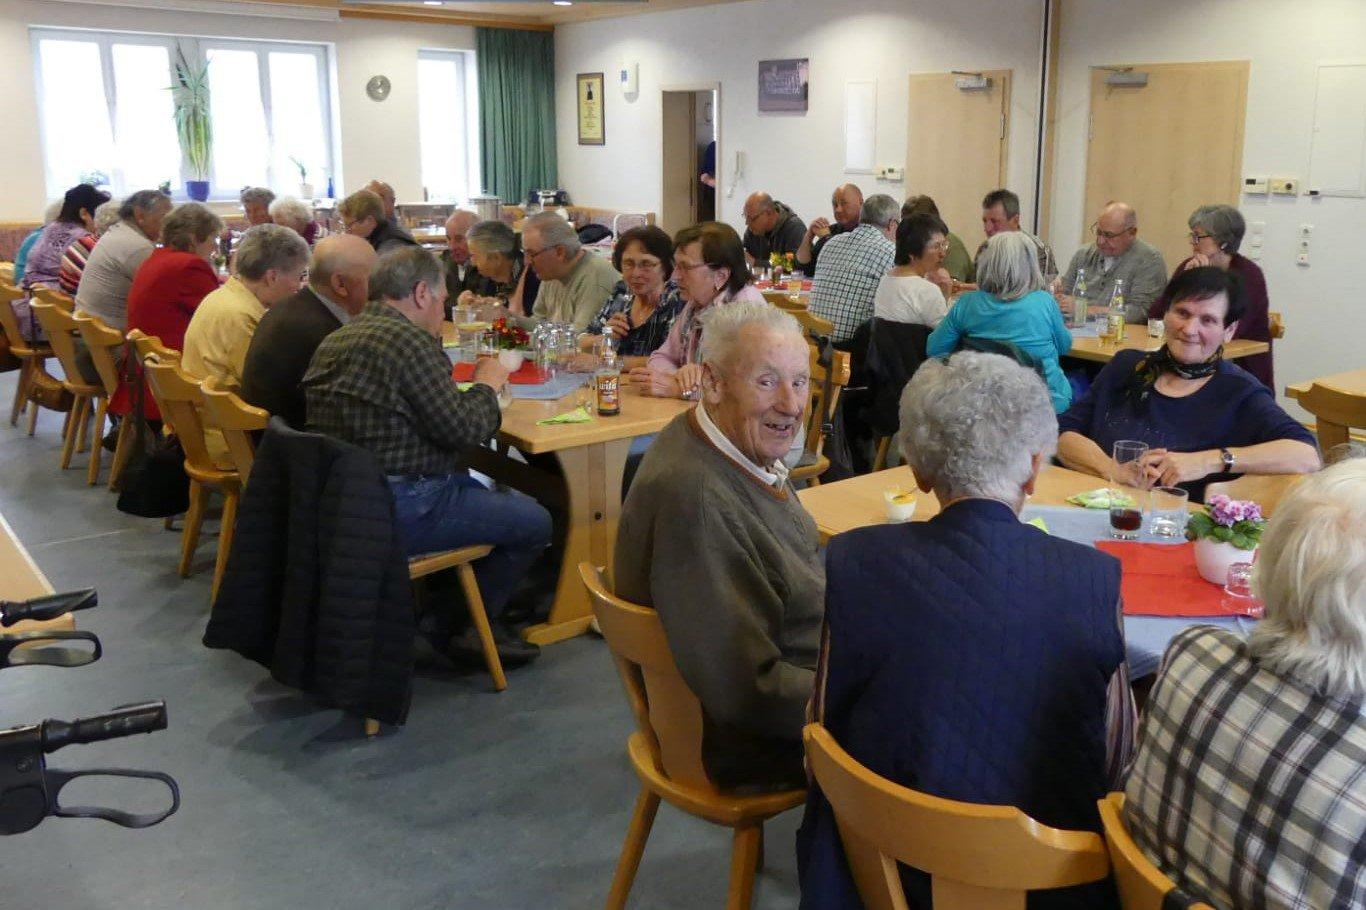 Offener Mittagstisch Startet In Der Gemeinde Lachen